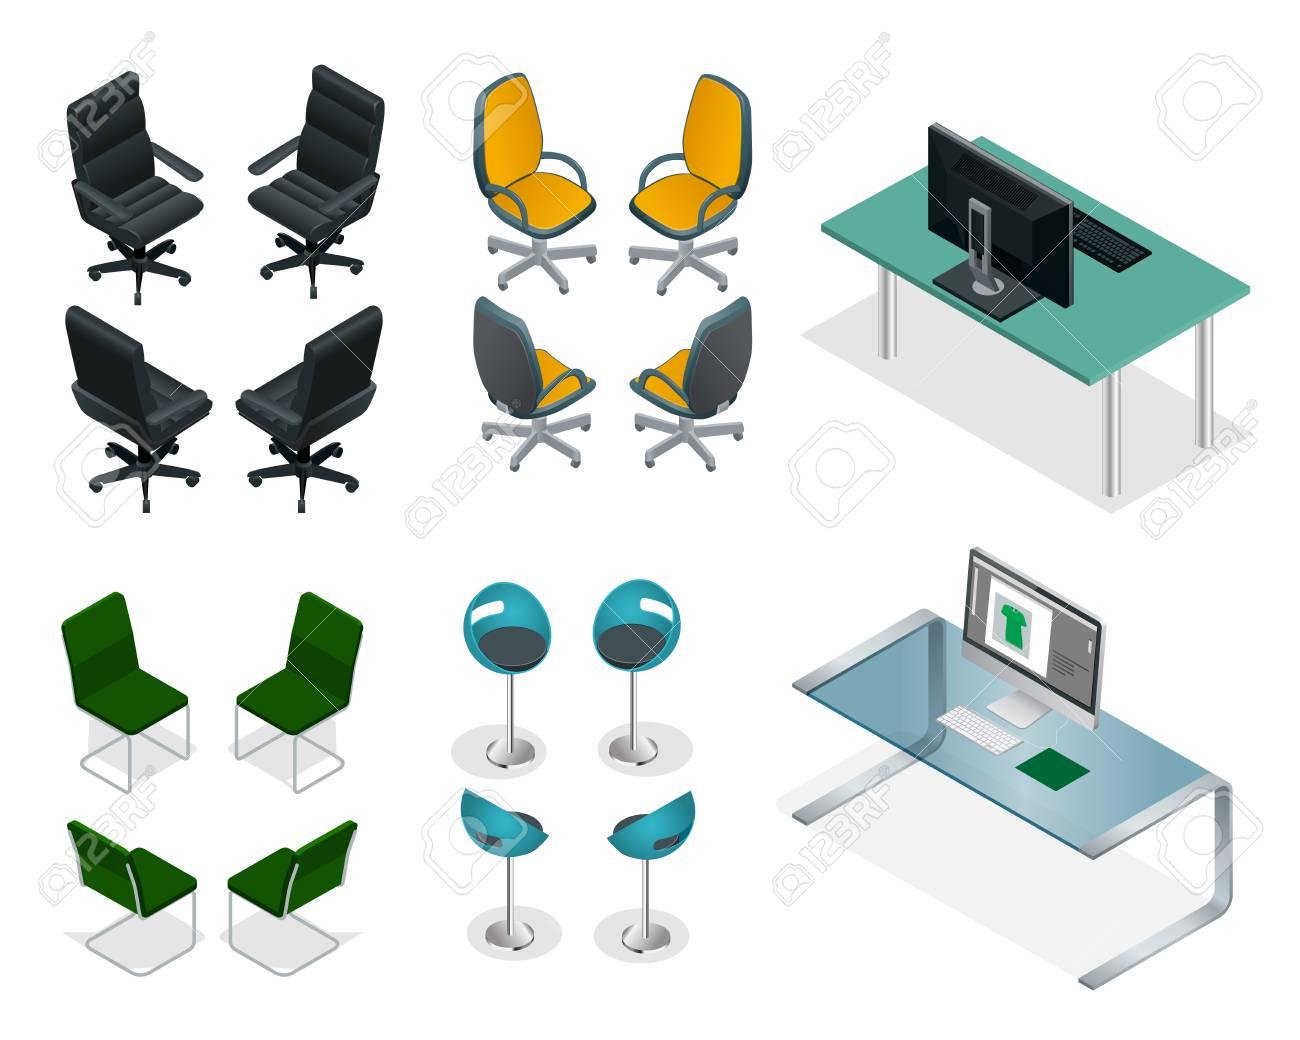 Conjunto isométrico de sillas y mesas de oficina. Easy VIP Muebles de  oficina.